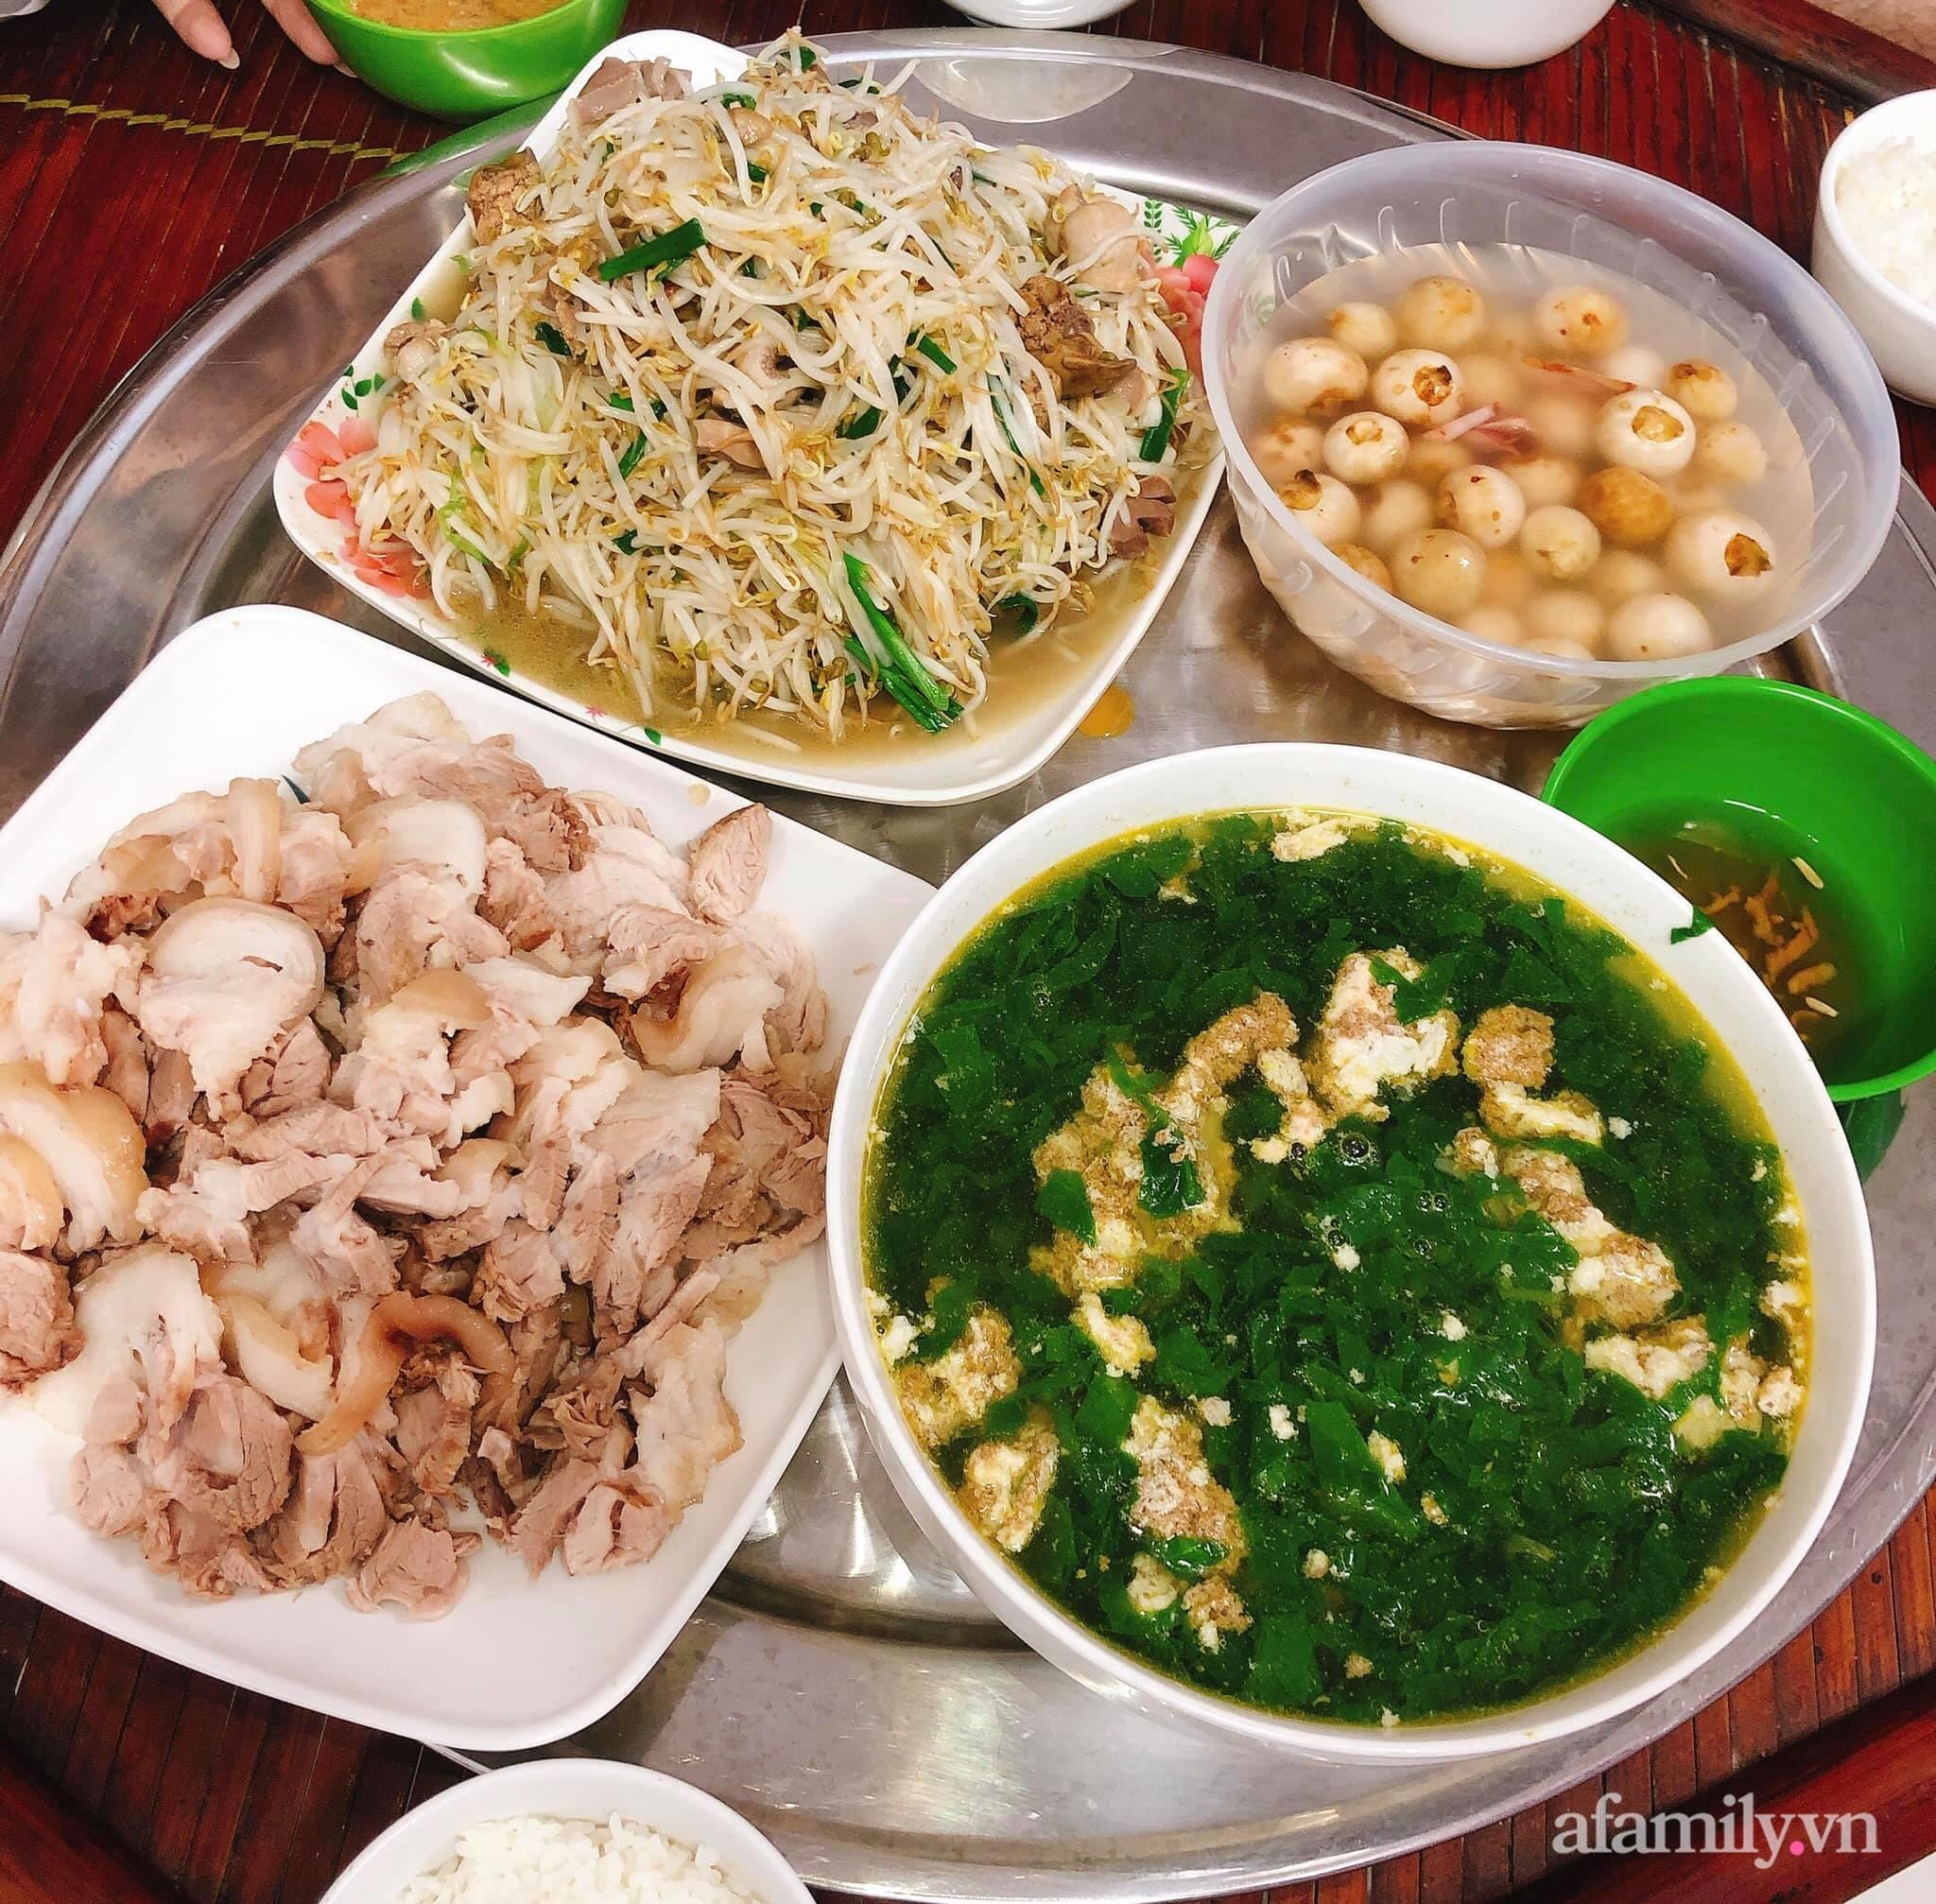 Kinh doanh online bận rộn, mẹ trẻ Hà Nội vẫn chăm chỉ cơm nước cho gia đình, mỗi bữa đầy ắp món ngon cho 5 người mà chi phí chỉ 170K - Ảnh 6.